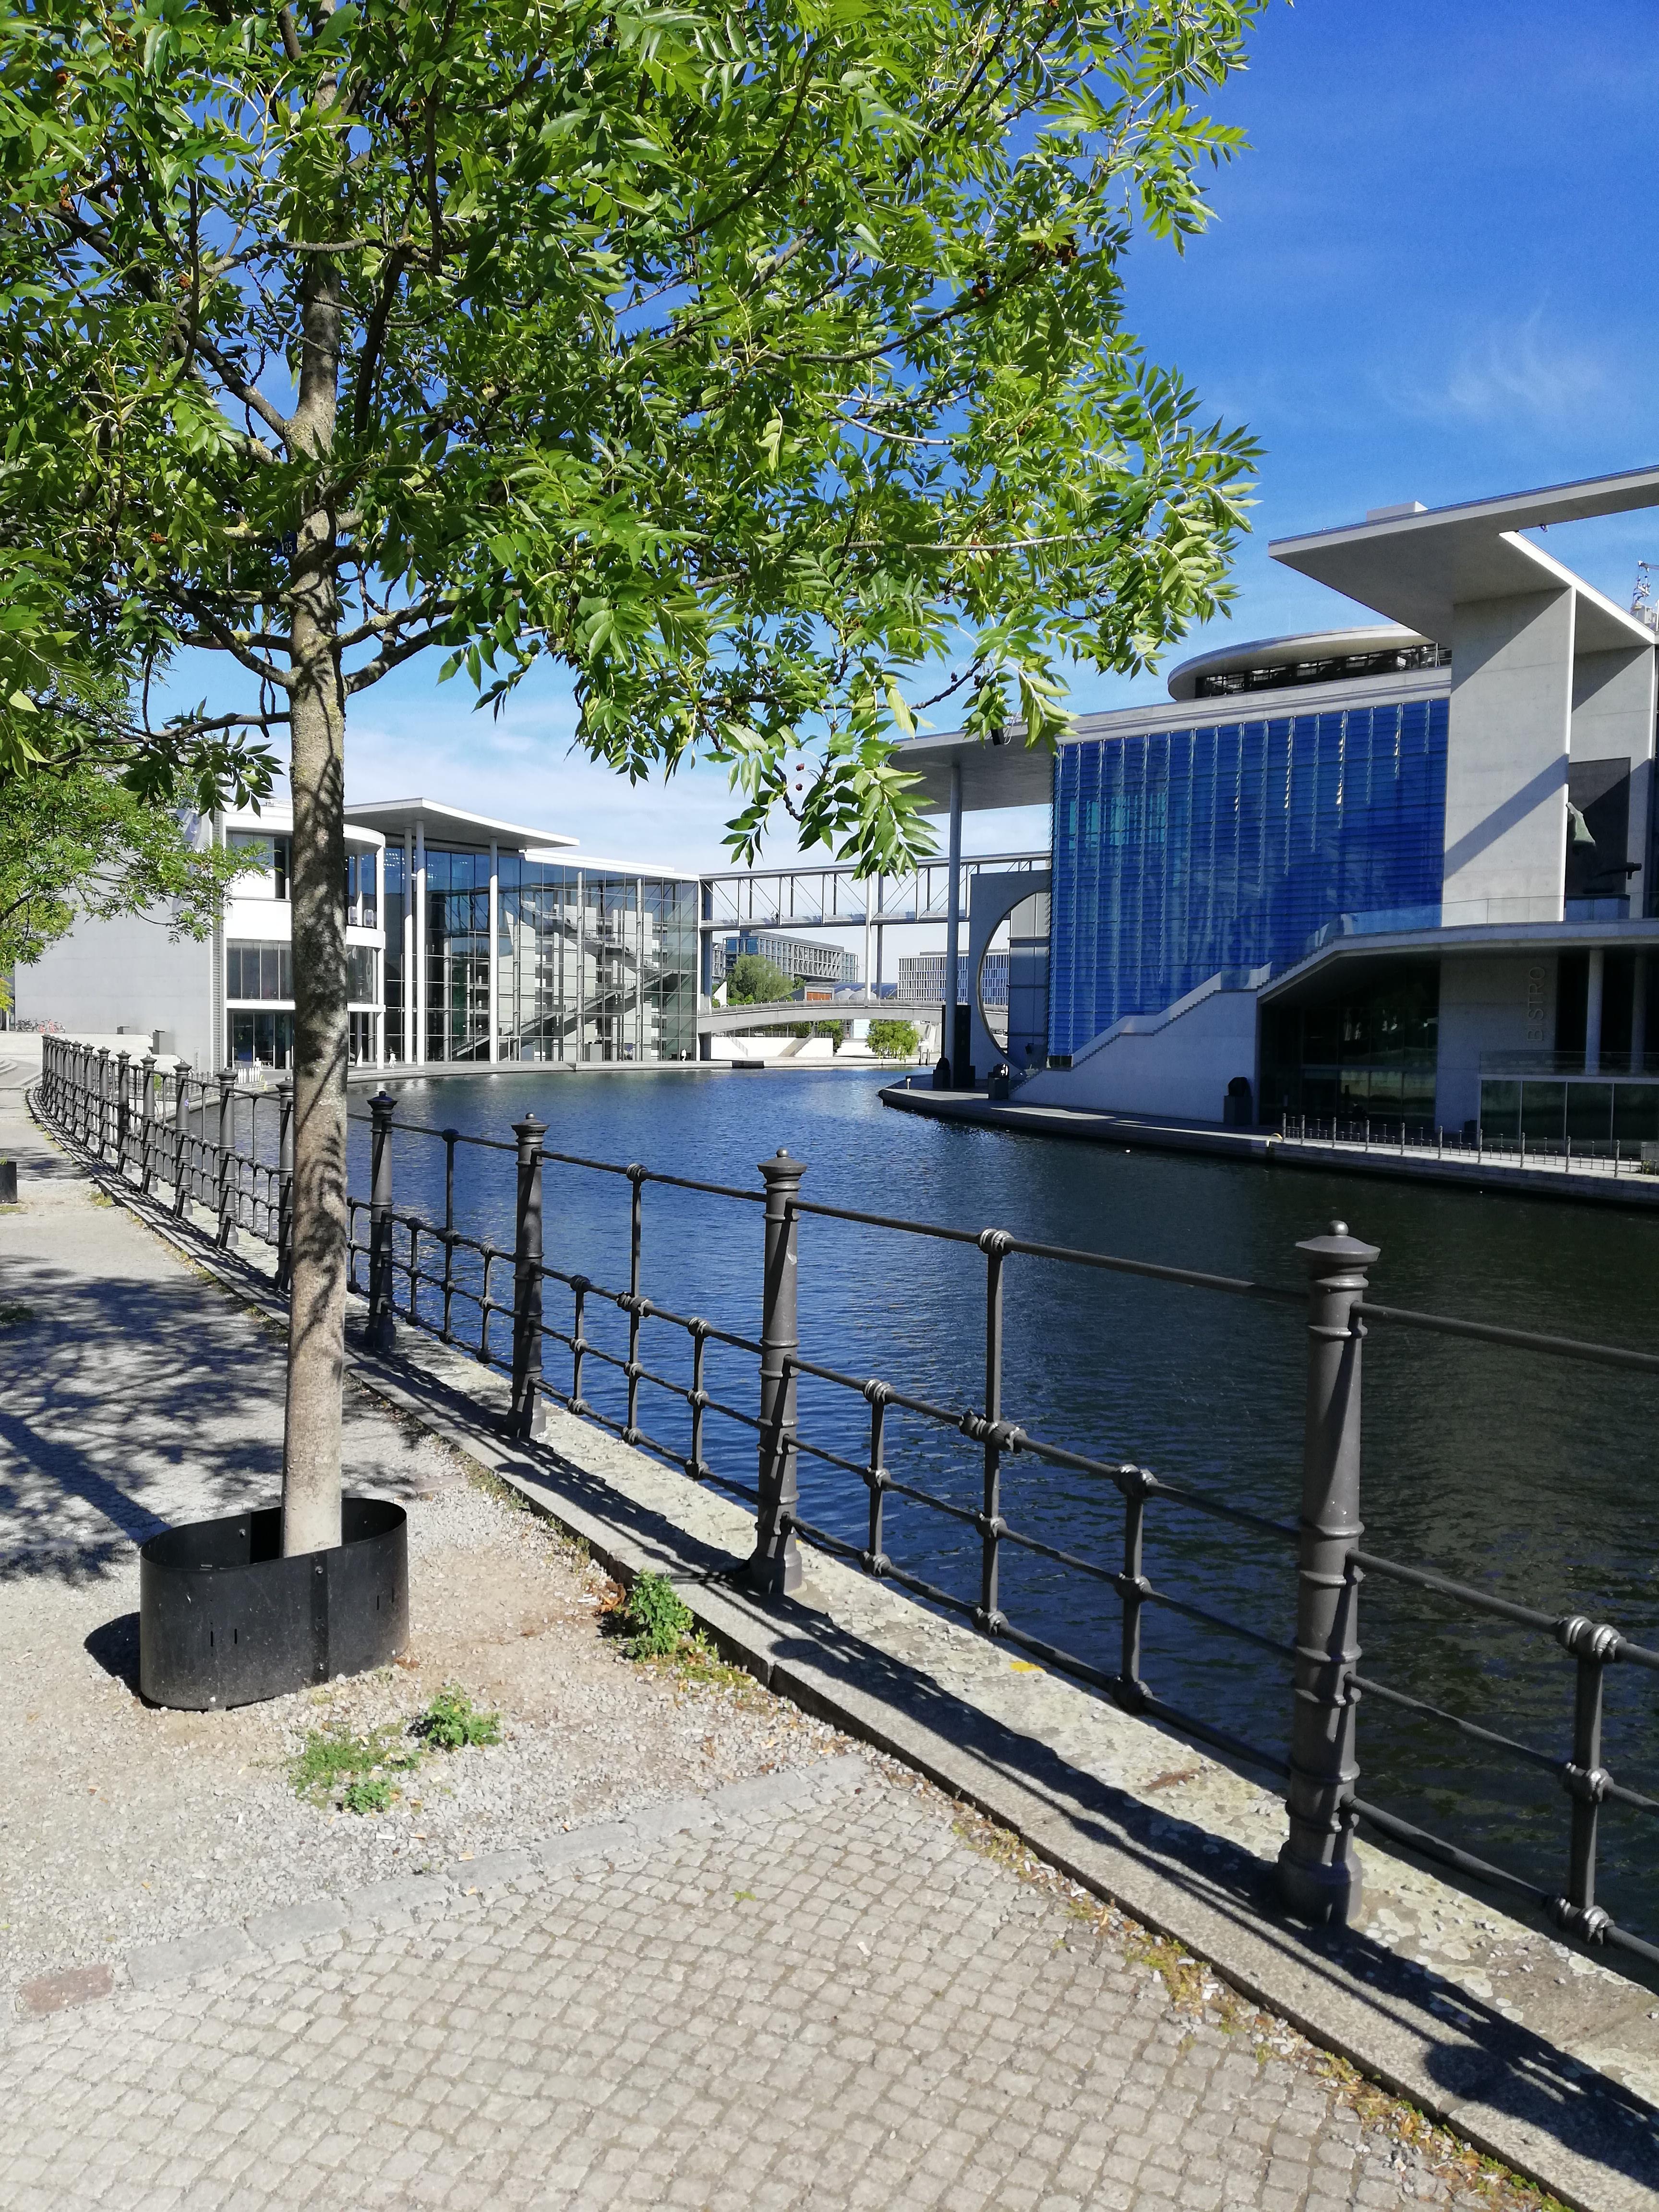 Laufen in Berlin - Große Tiergartenrunde 2018 - Spree Ufer